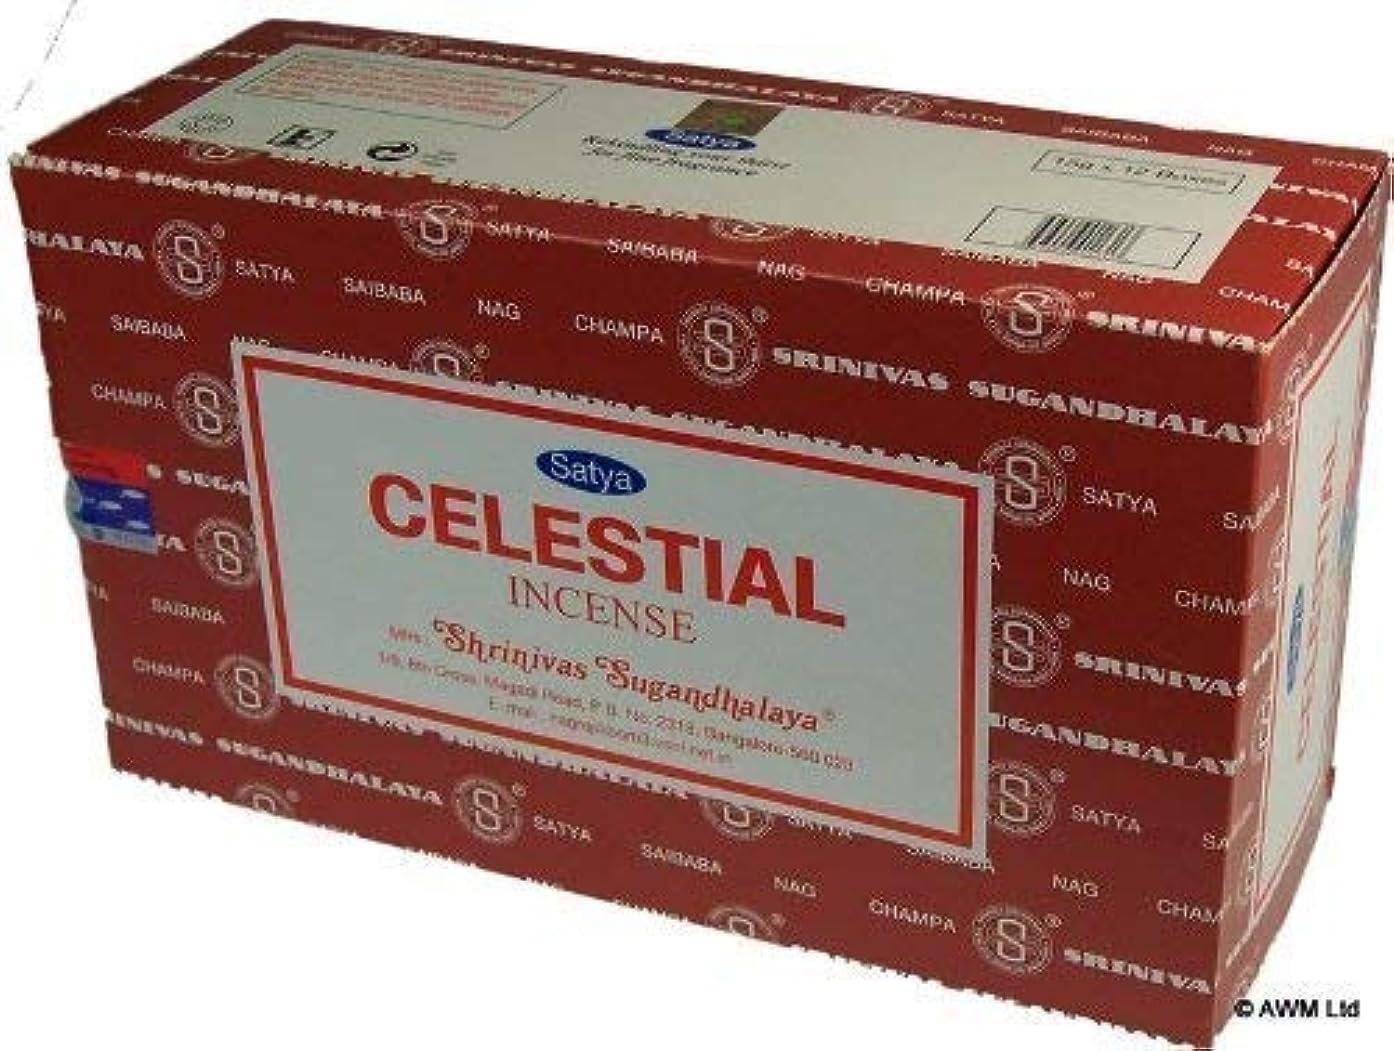 アッティカス溶岩電球Satya Nag Champa Celestial Incense Sticks - Box 12 Packs by Satya